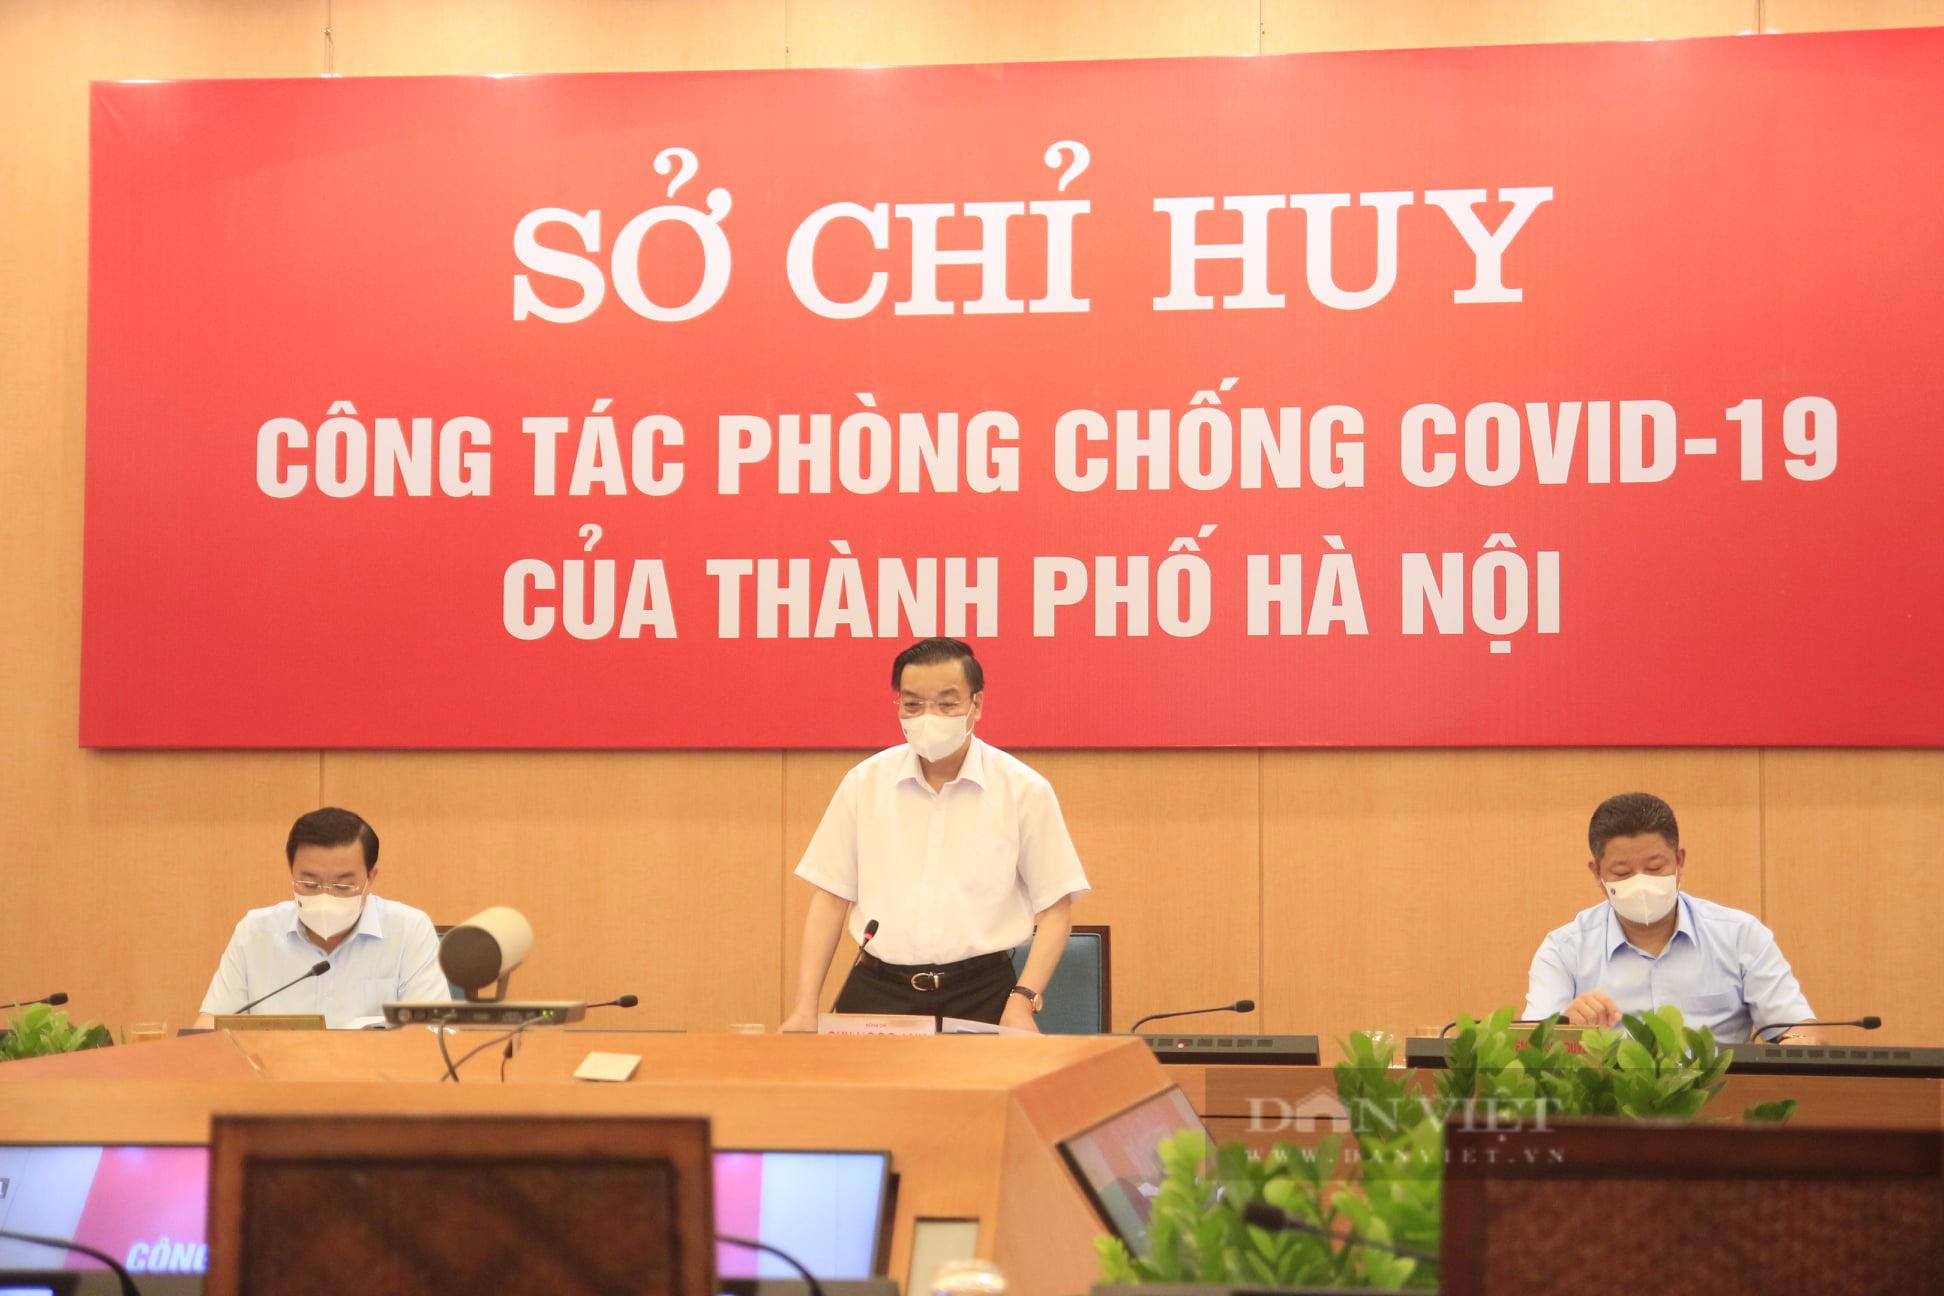 """Chủ tịch Hà Nội: """"Yêu cầu người dân không ra khỏi nhà nếu không vì mục đích thiết yếu, xử phạt nghiêm vi phạm"""" - Ảnh 1."""